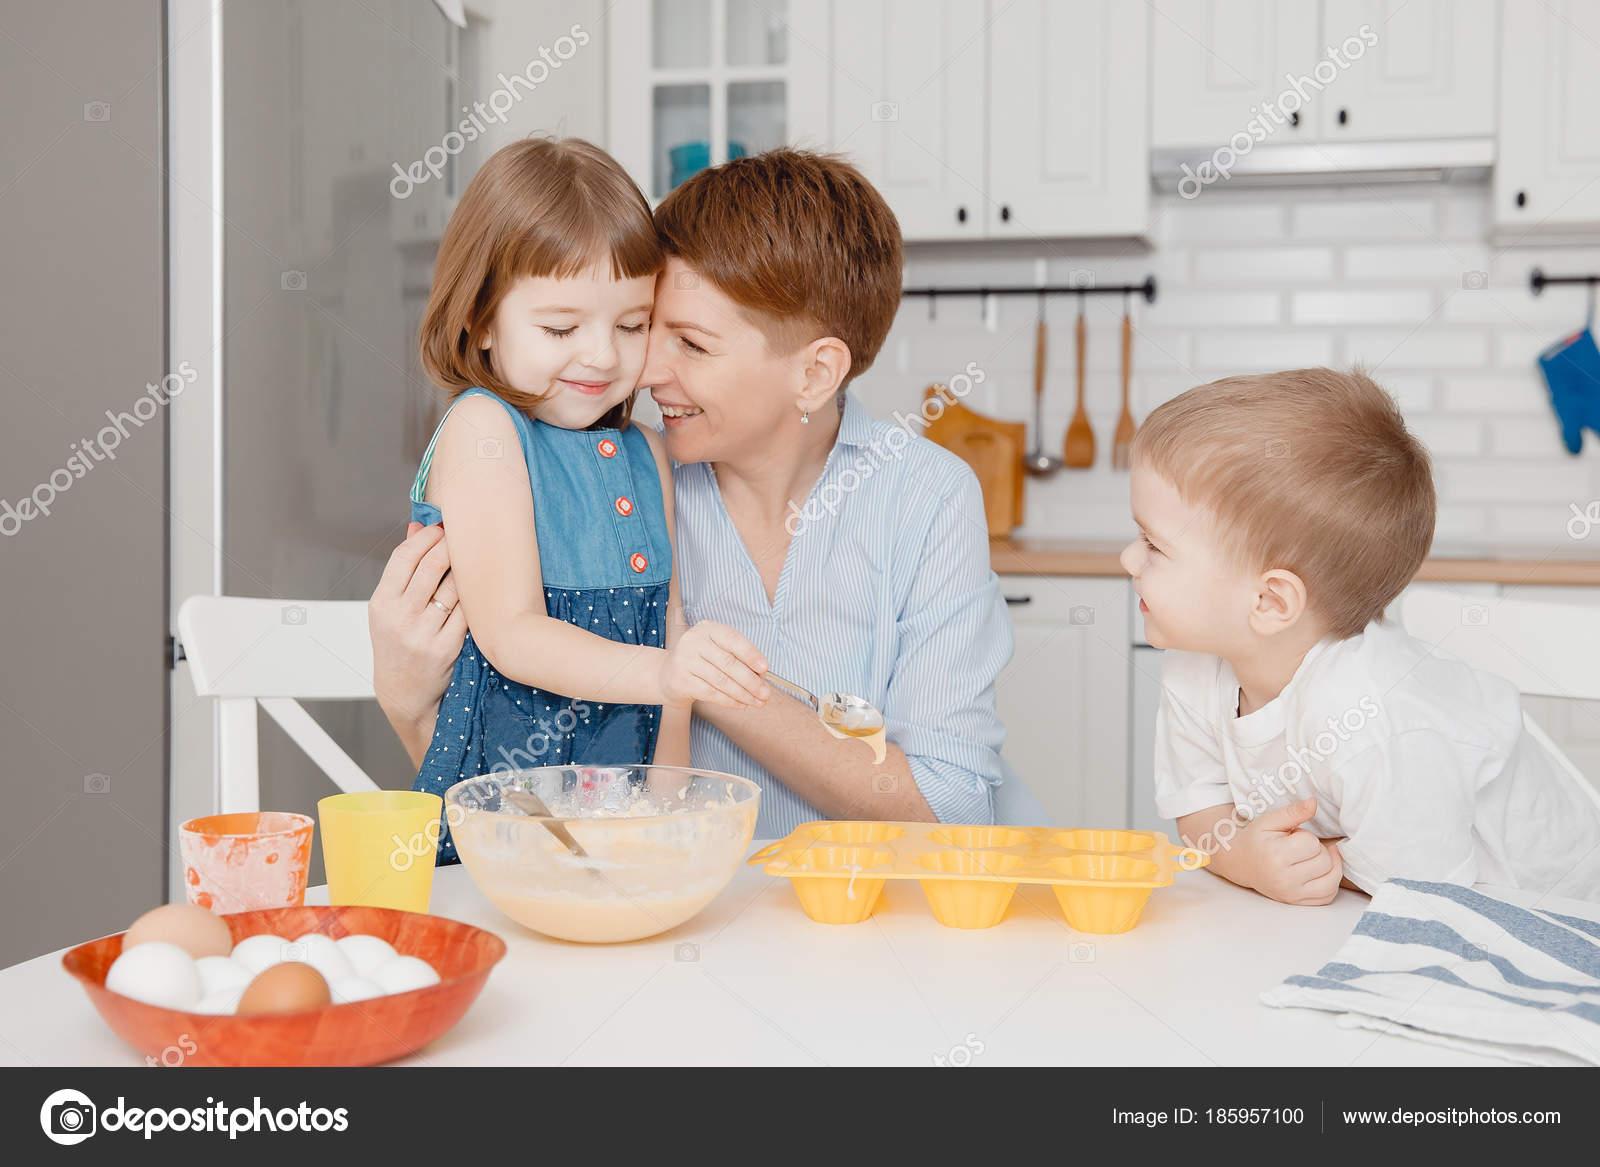 Good Niños Felices Con Mamá, La Sonrisa, Llenar Los Moldes De Magdalena Con Un  Bateador. Elaboración De Concepto Para La Pascua   Cocinar Con Niños  Pequeños ...